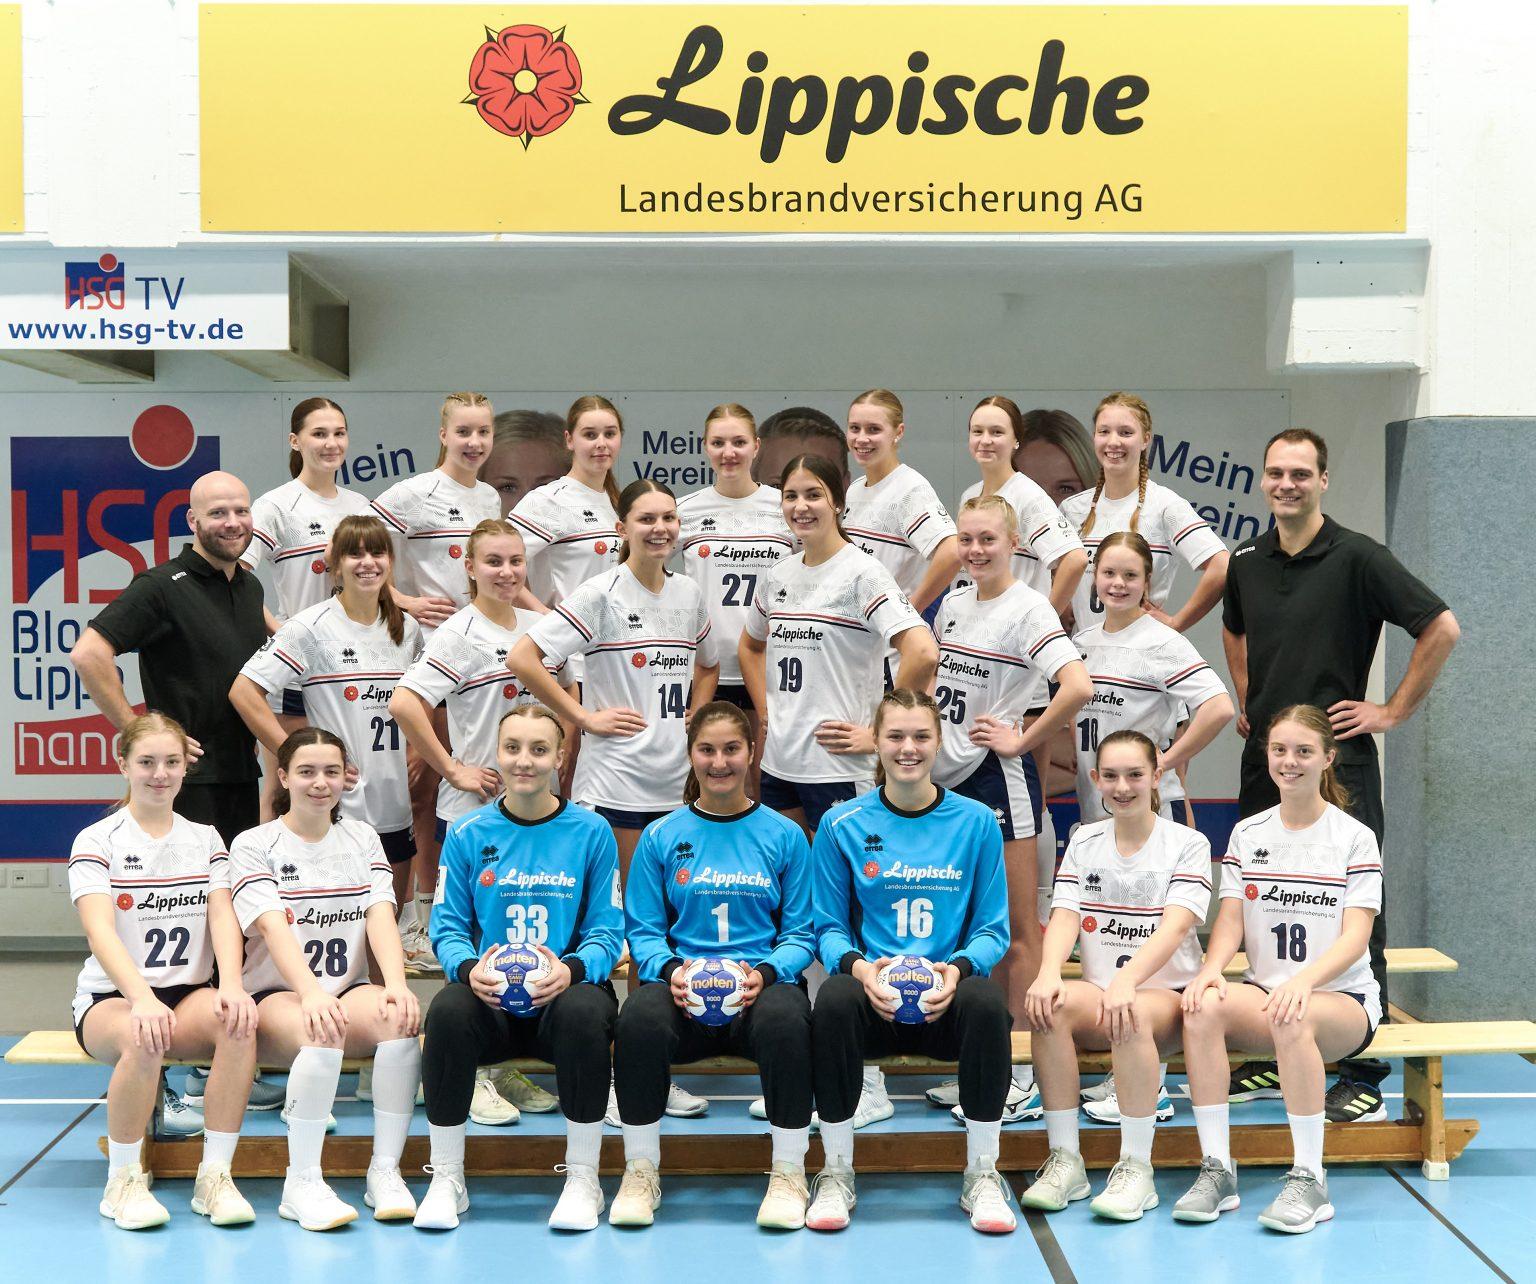 Sie spielen um die Deutshe Meisterschaft: die HSG-B-Mädels, Foto: Matthias Wieking